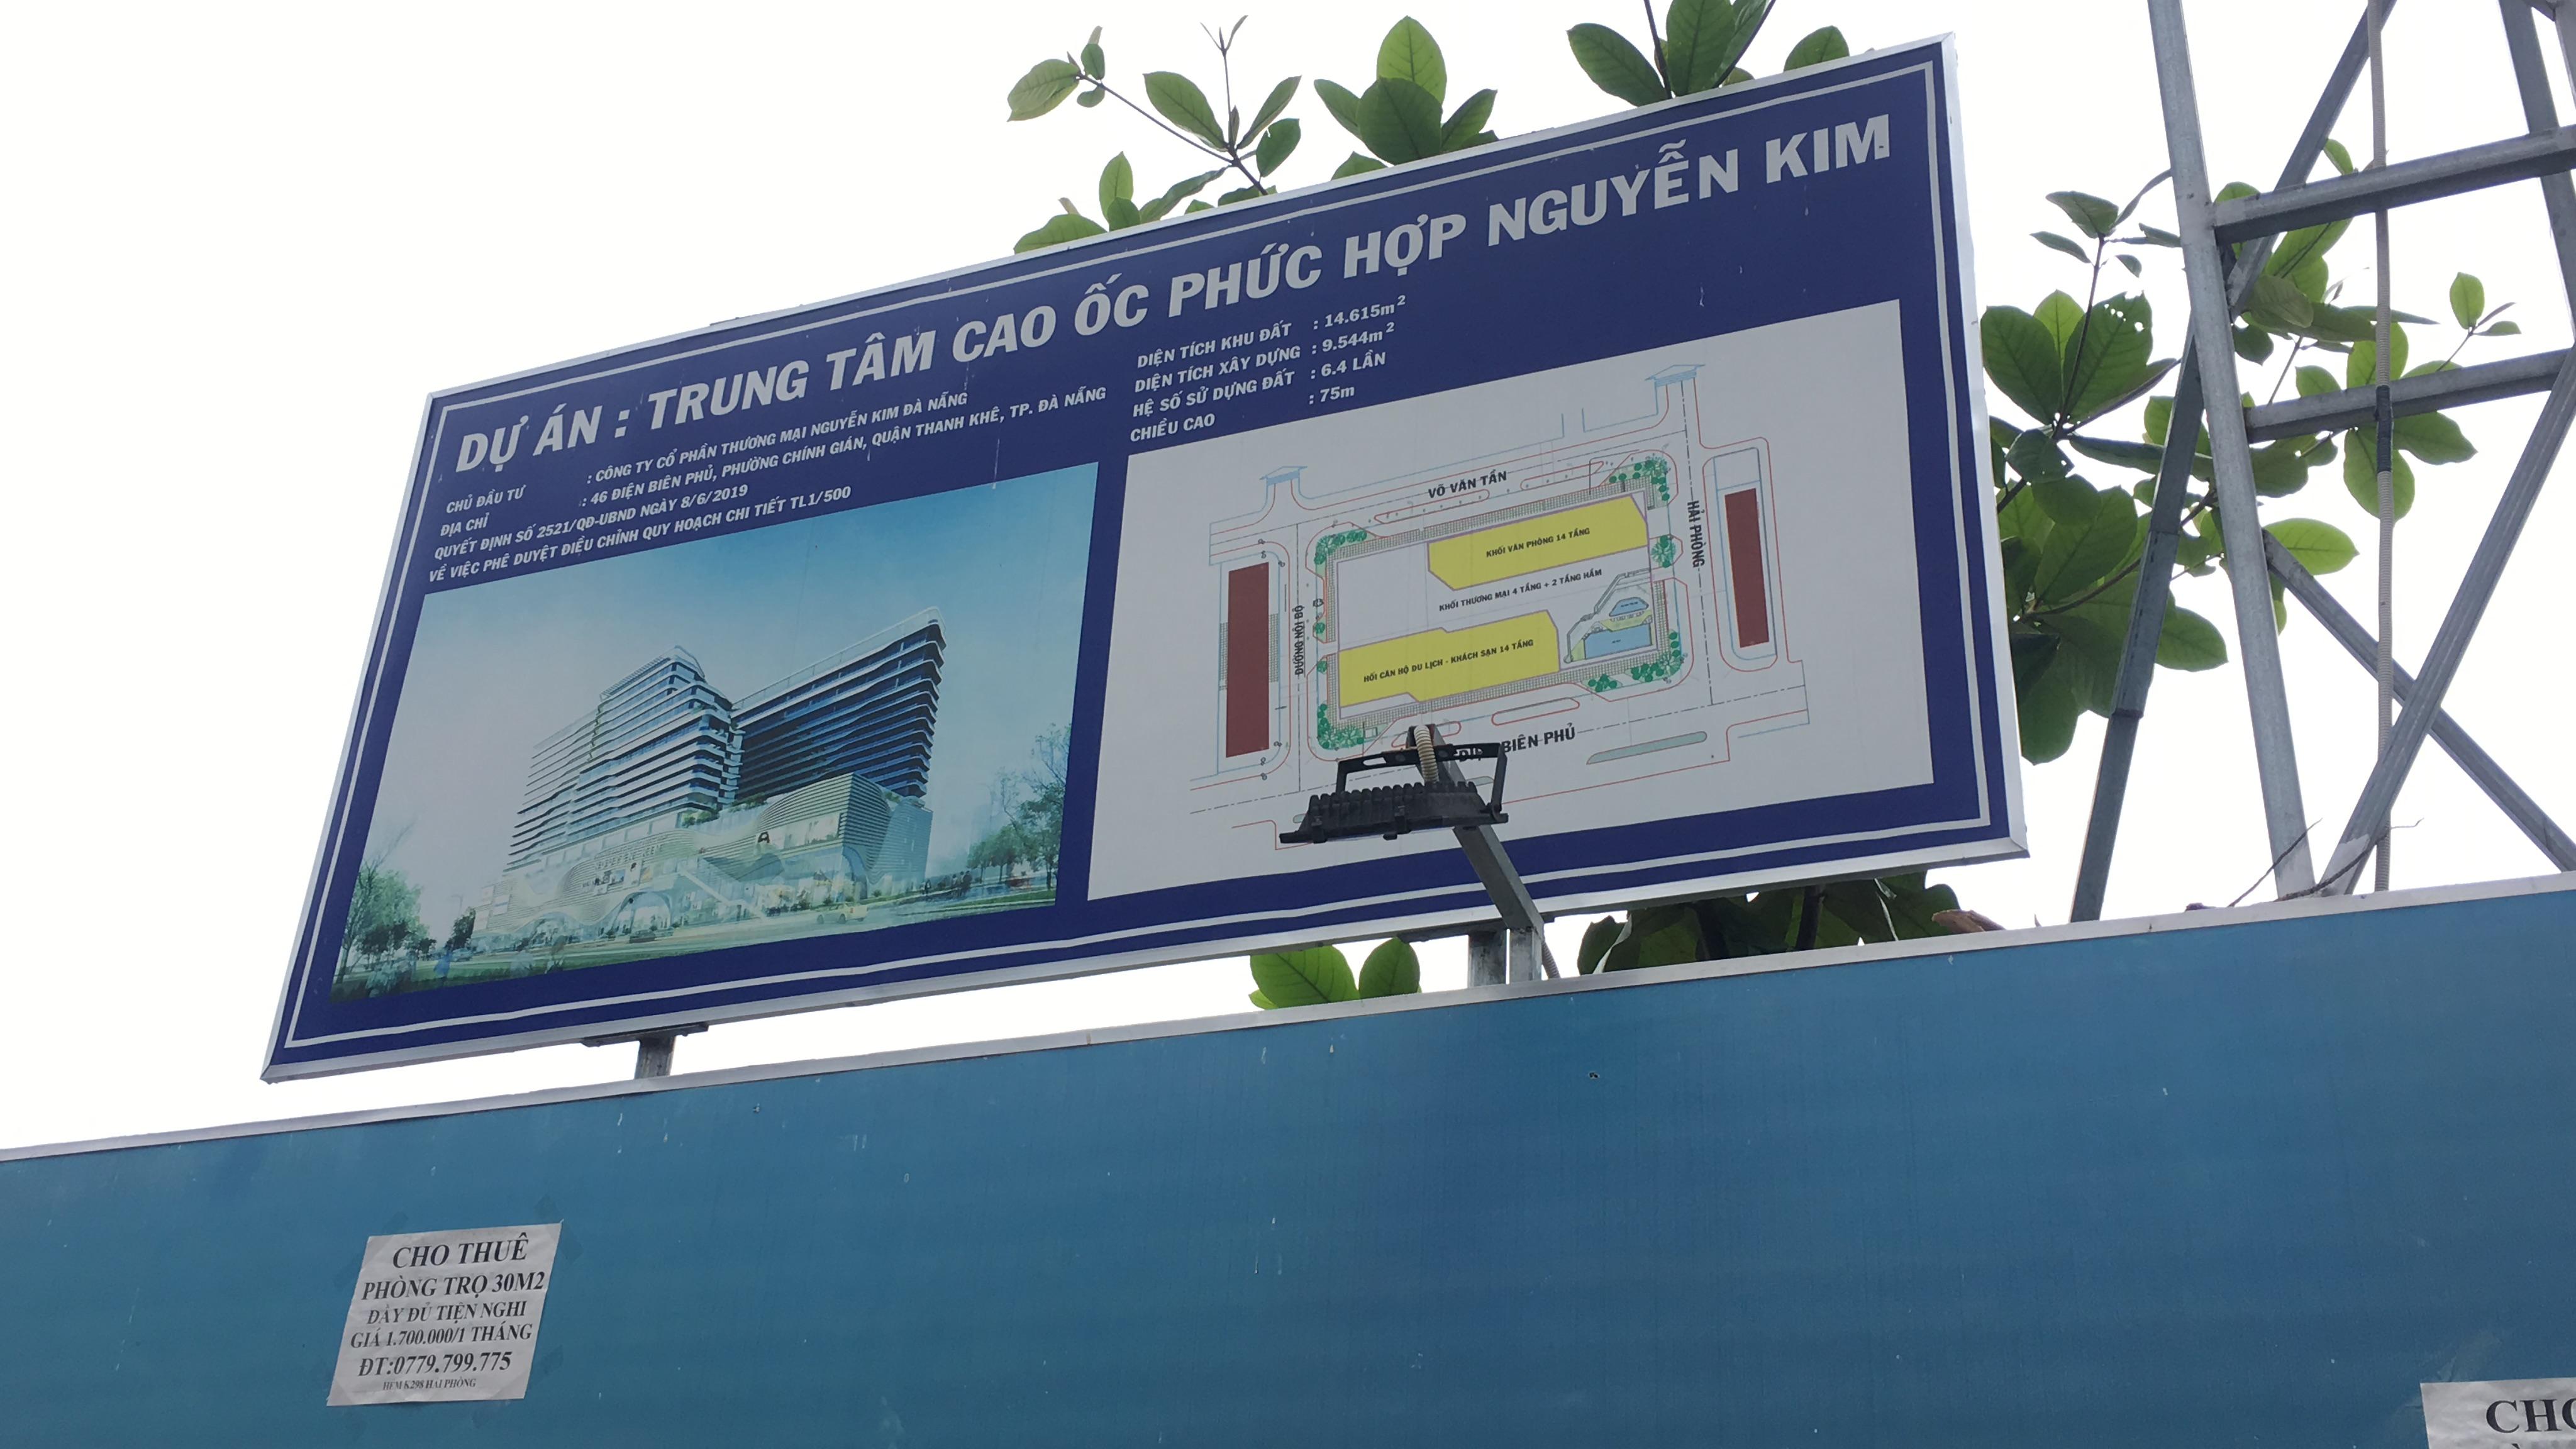 Dự án cao ốc phức hợp Nguyễn Kim ở Đà Nẵng của TTC Land nhiều năm vẫn là bãi đất trống - Ảnh 3.